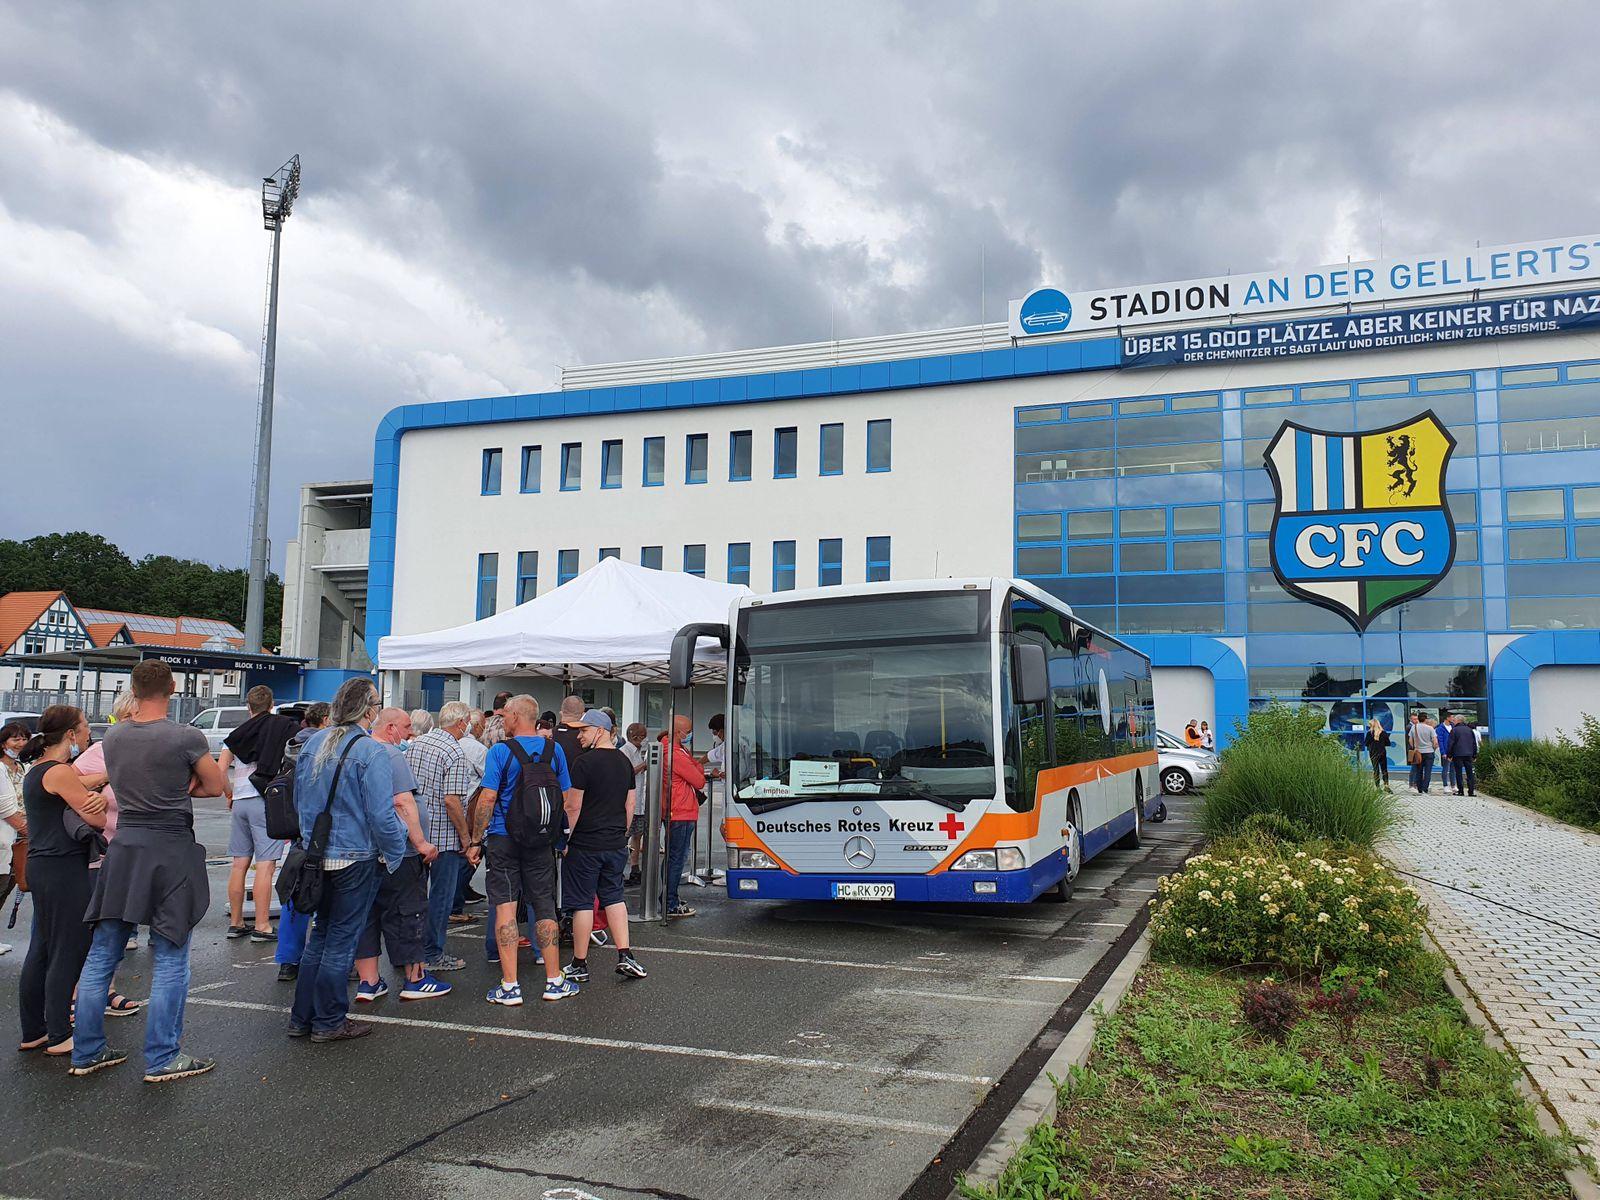 Impfbus am Gellertstadion 15.07.2021, Chemnitz,Corona- Impfung Am Donnerstag steht ein mobiler Impfbus des DRK von 15.0